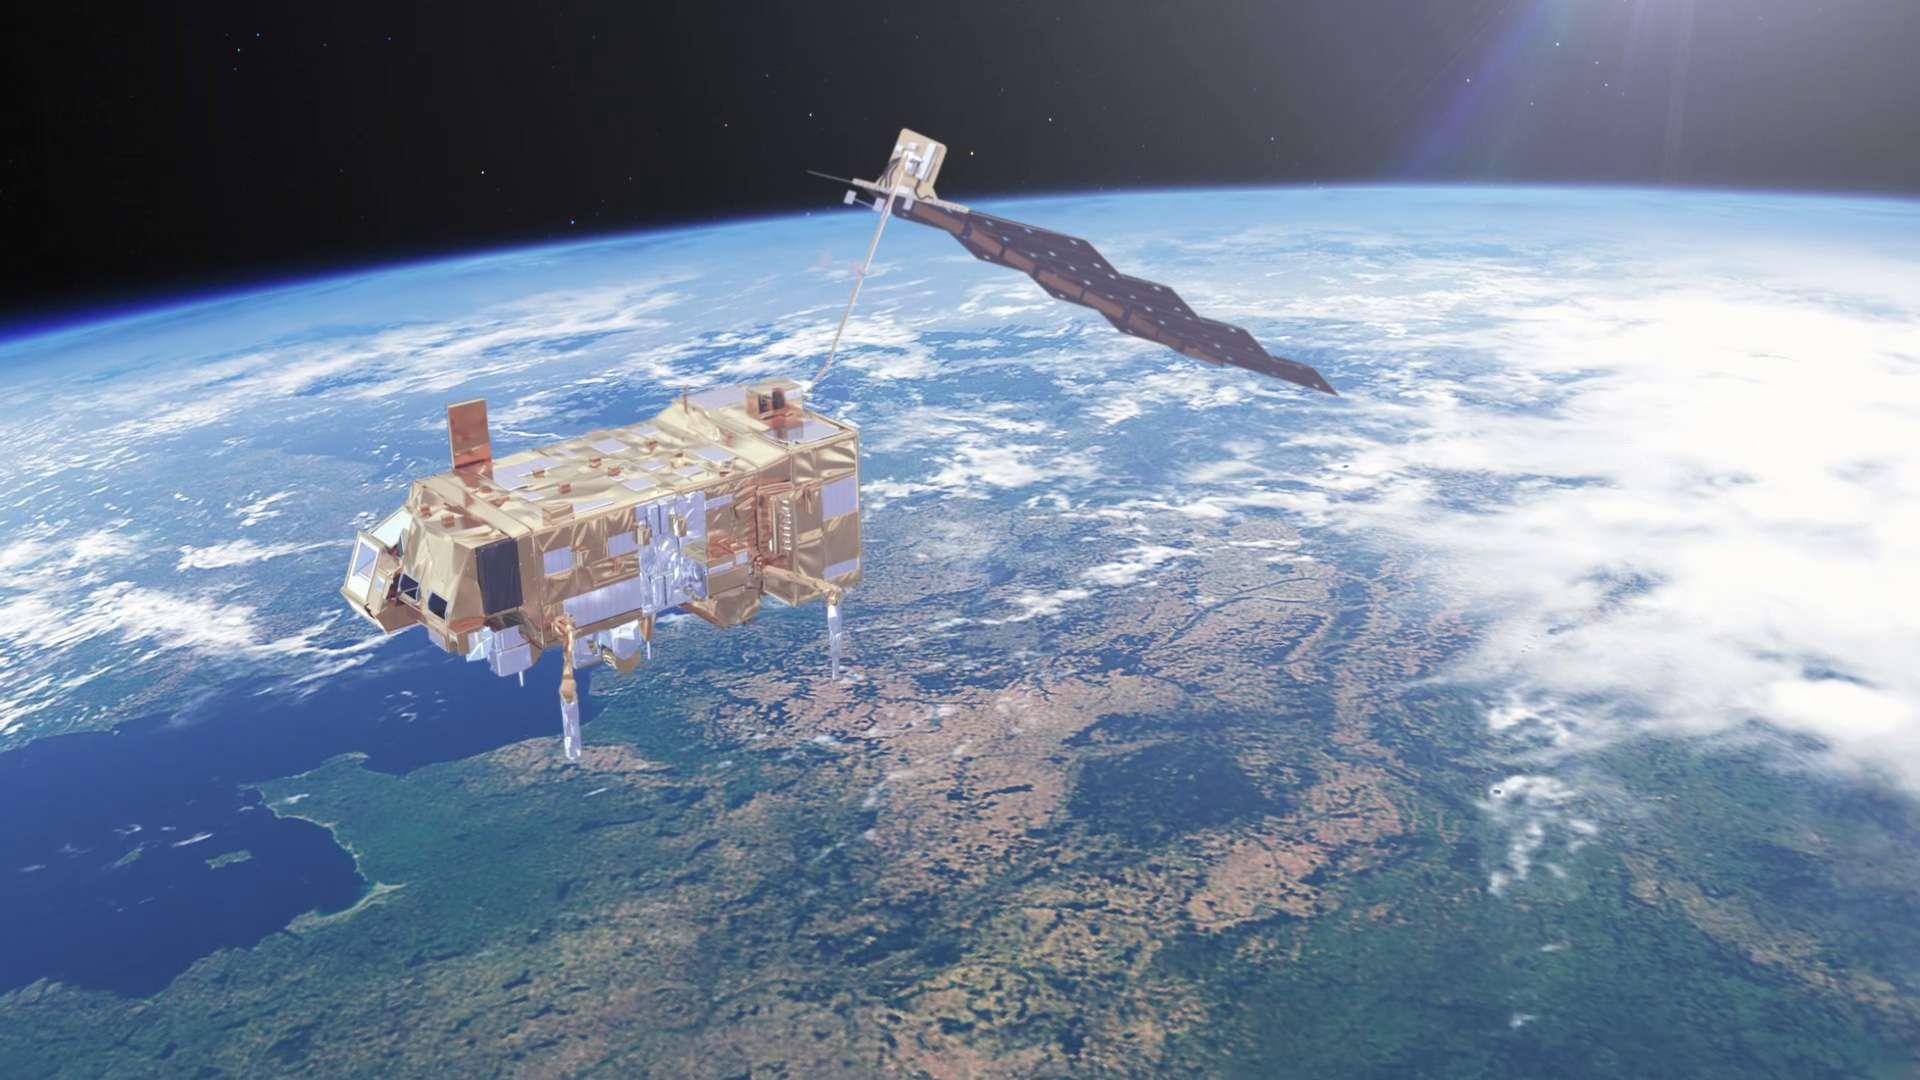 Le satellite Metop-C lancé dans la nuit du 6 au 7 novembre 2018 est construit par Airbus Defence & Space. Il embarque dix instruments fournissant des données essentielles à la prévision météorologique et à la surveillance du climat. © ESA